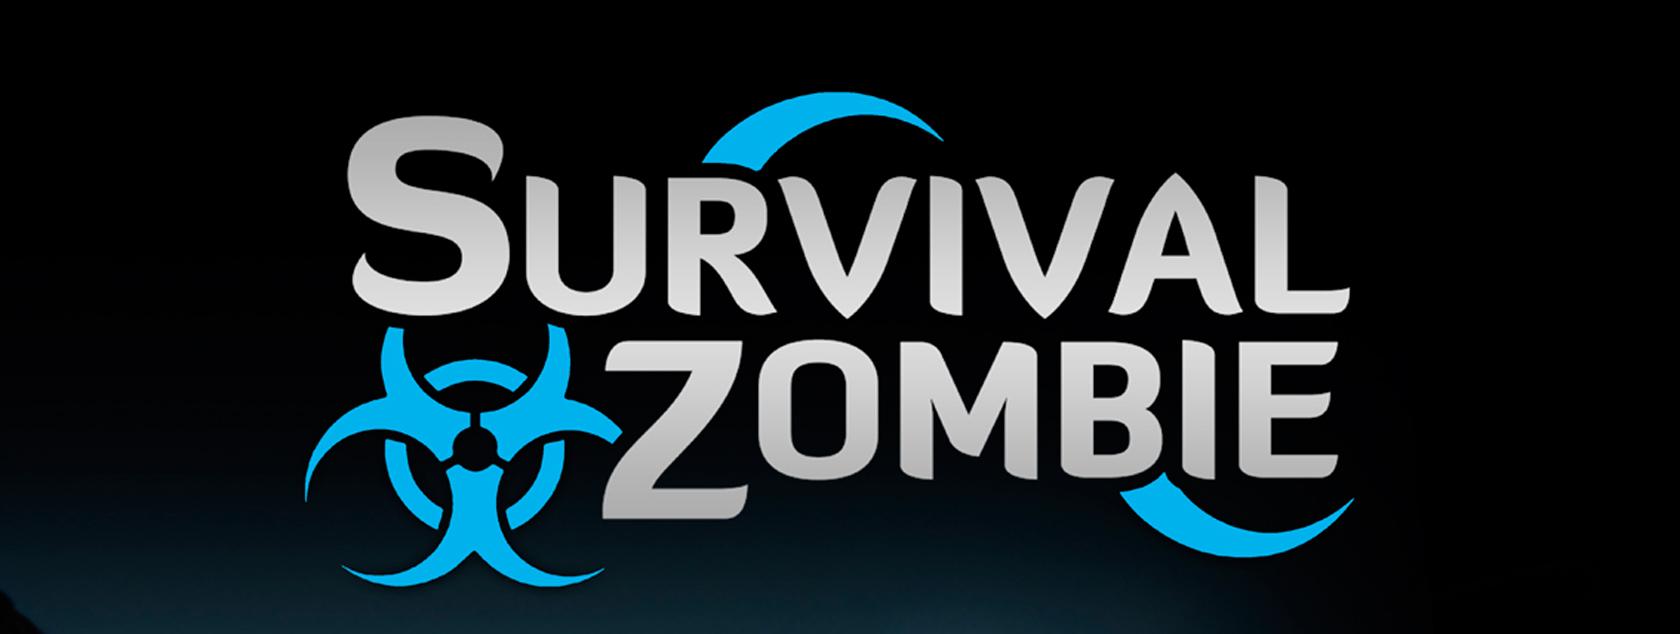 Survival Zombie en Parla